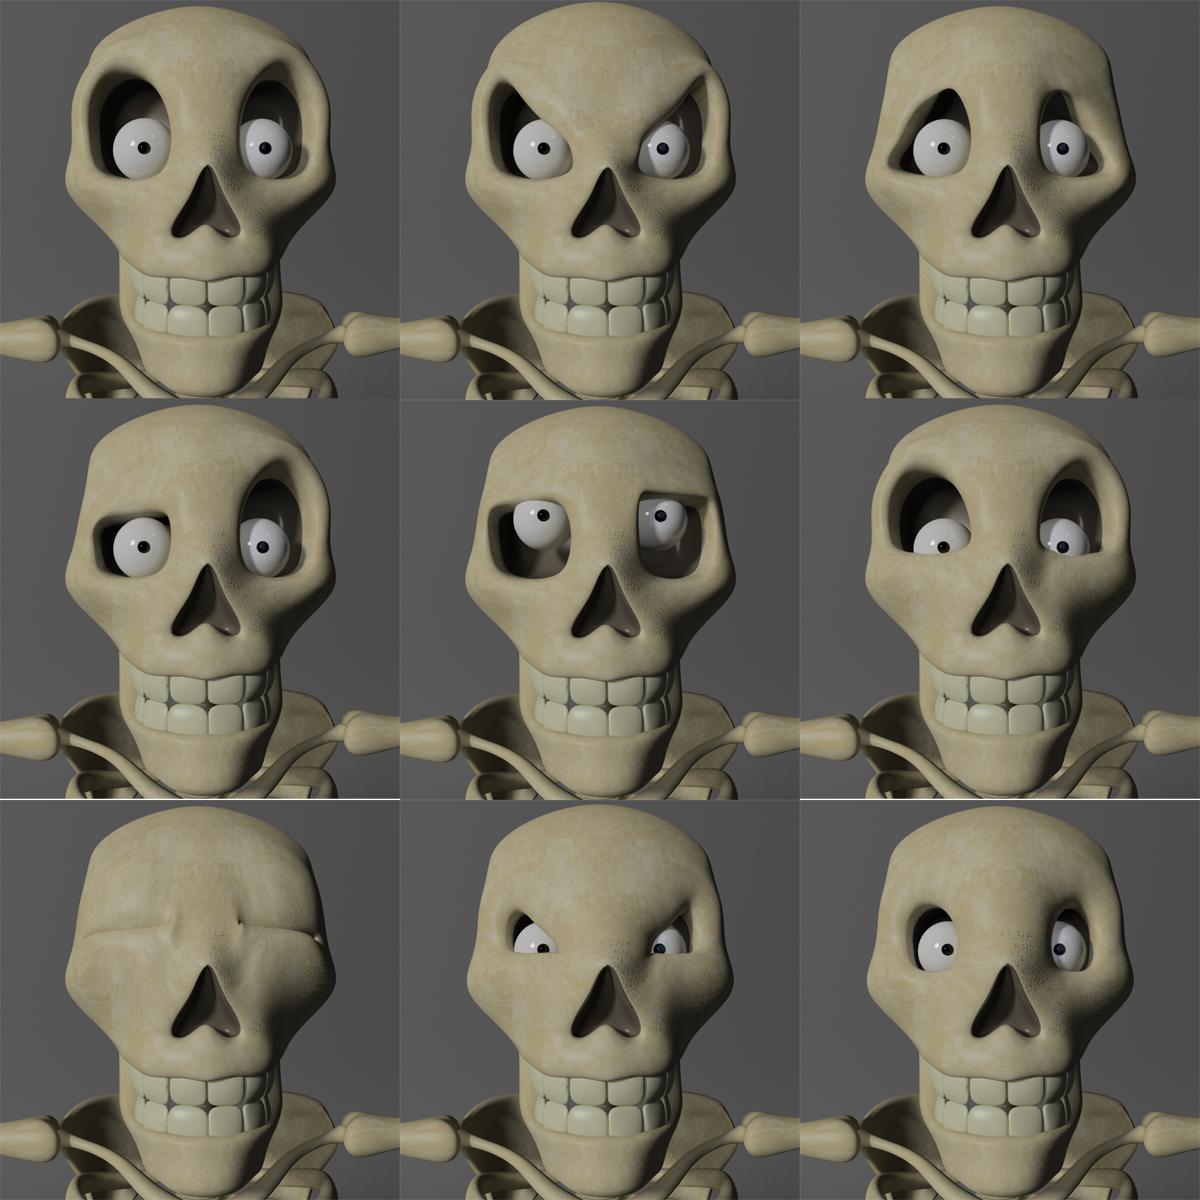 karikatūra skelets rigged 3d modelis 3ds max fbx obj 215127